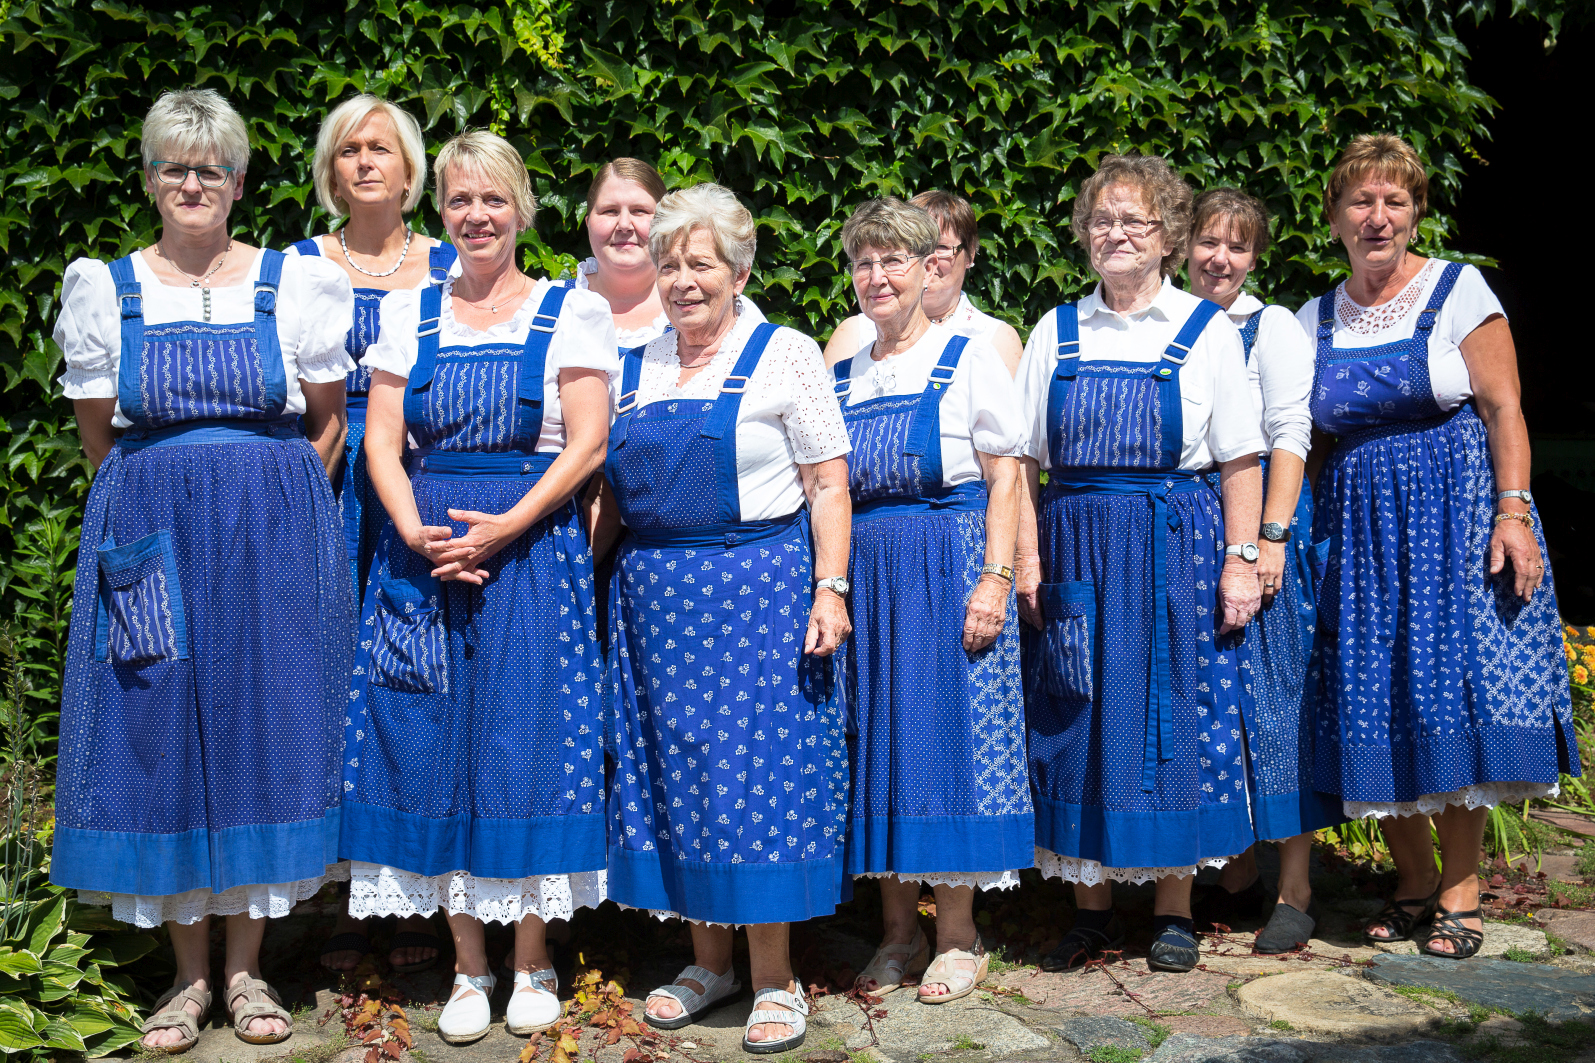 Proschimer Landfrauen in ihrer Blaudruck-Tracht